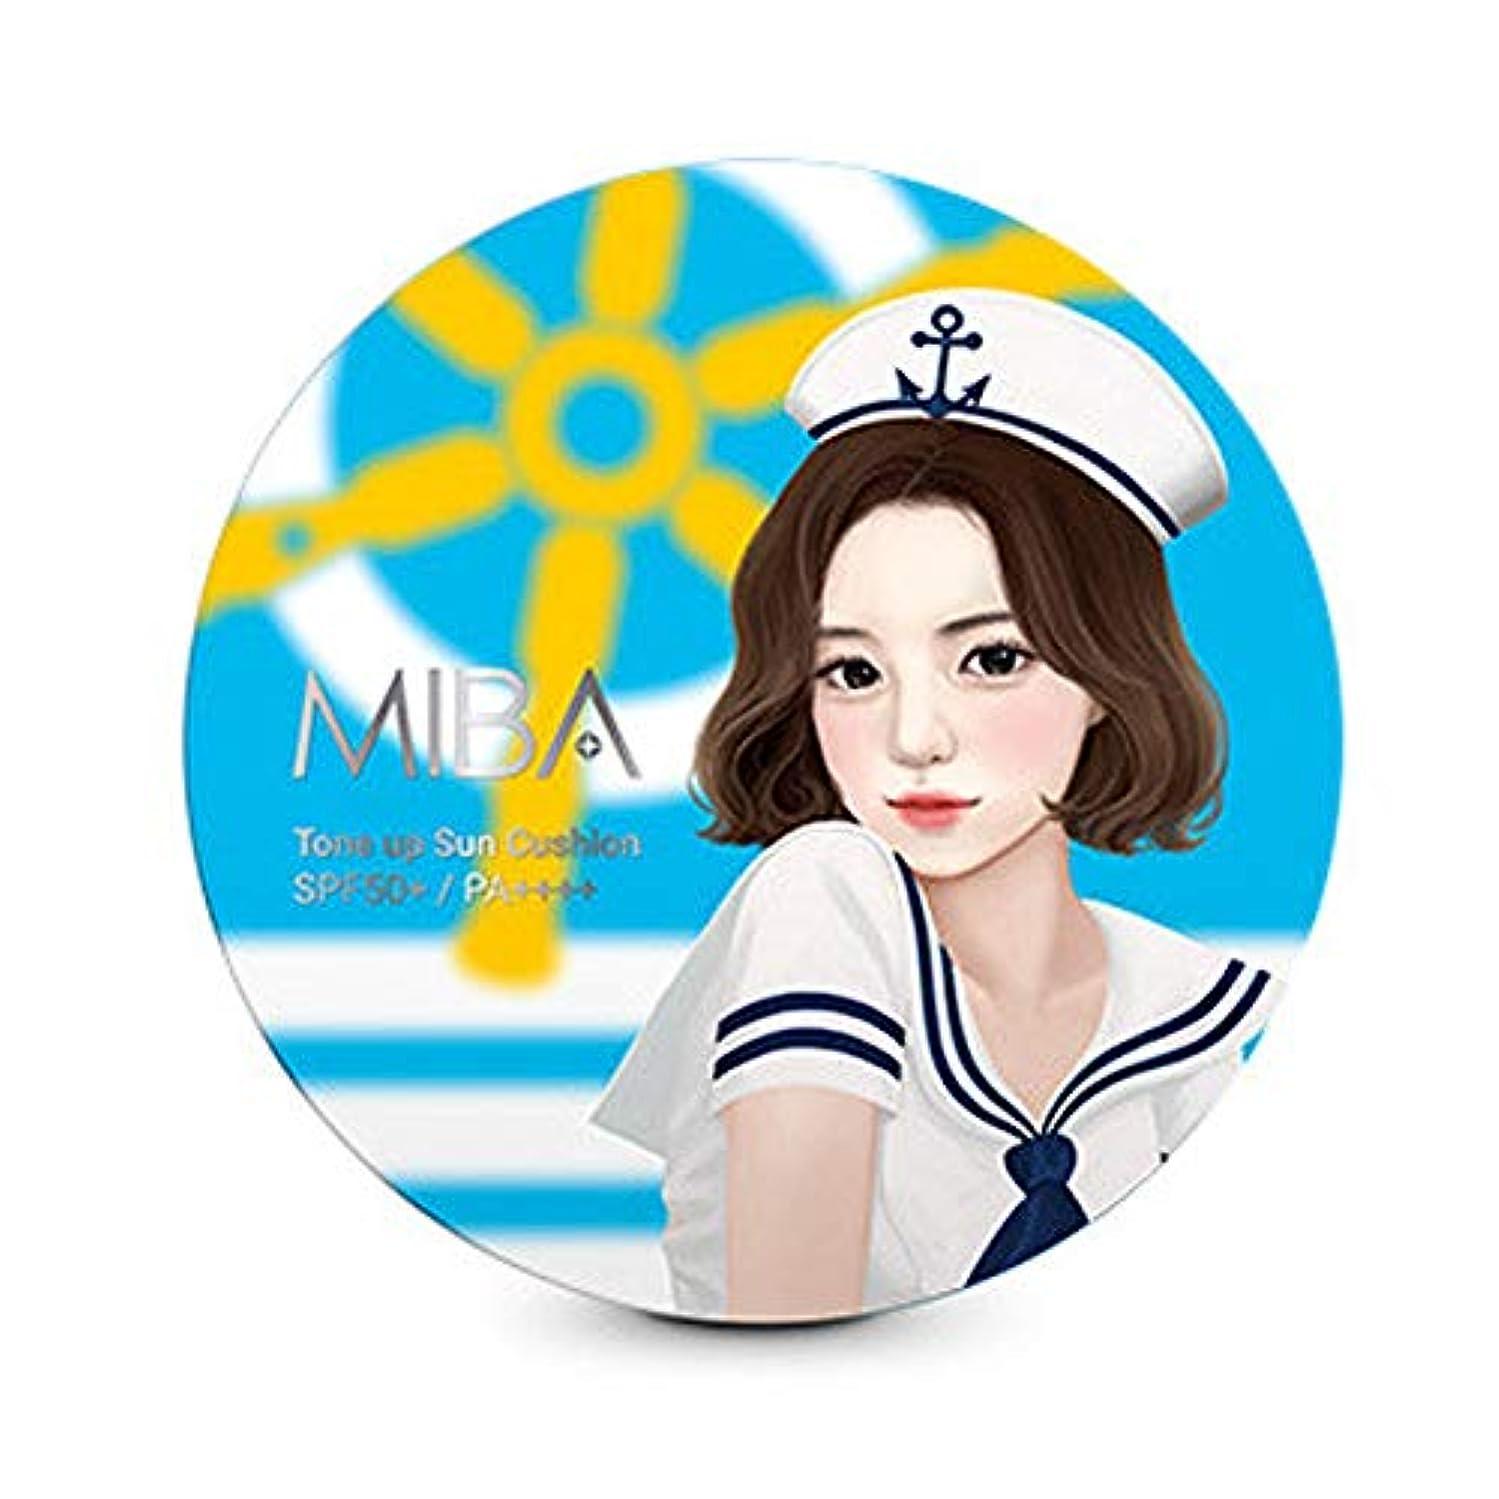 プロポーショナルインテリアサポート[MIBA] ミバ カラミントーンアップクッション 24g クッションタイプの日焼け止め SPF50+ PA++++ Korea cosmetic(torn up cushion 24g)